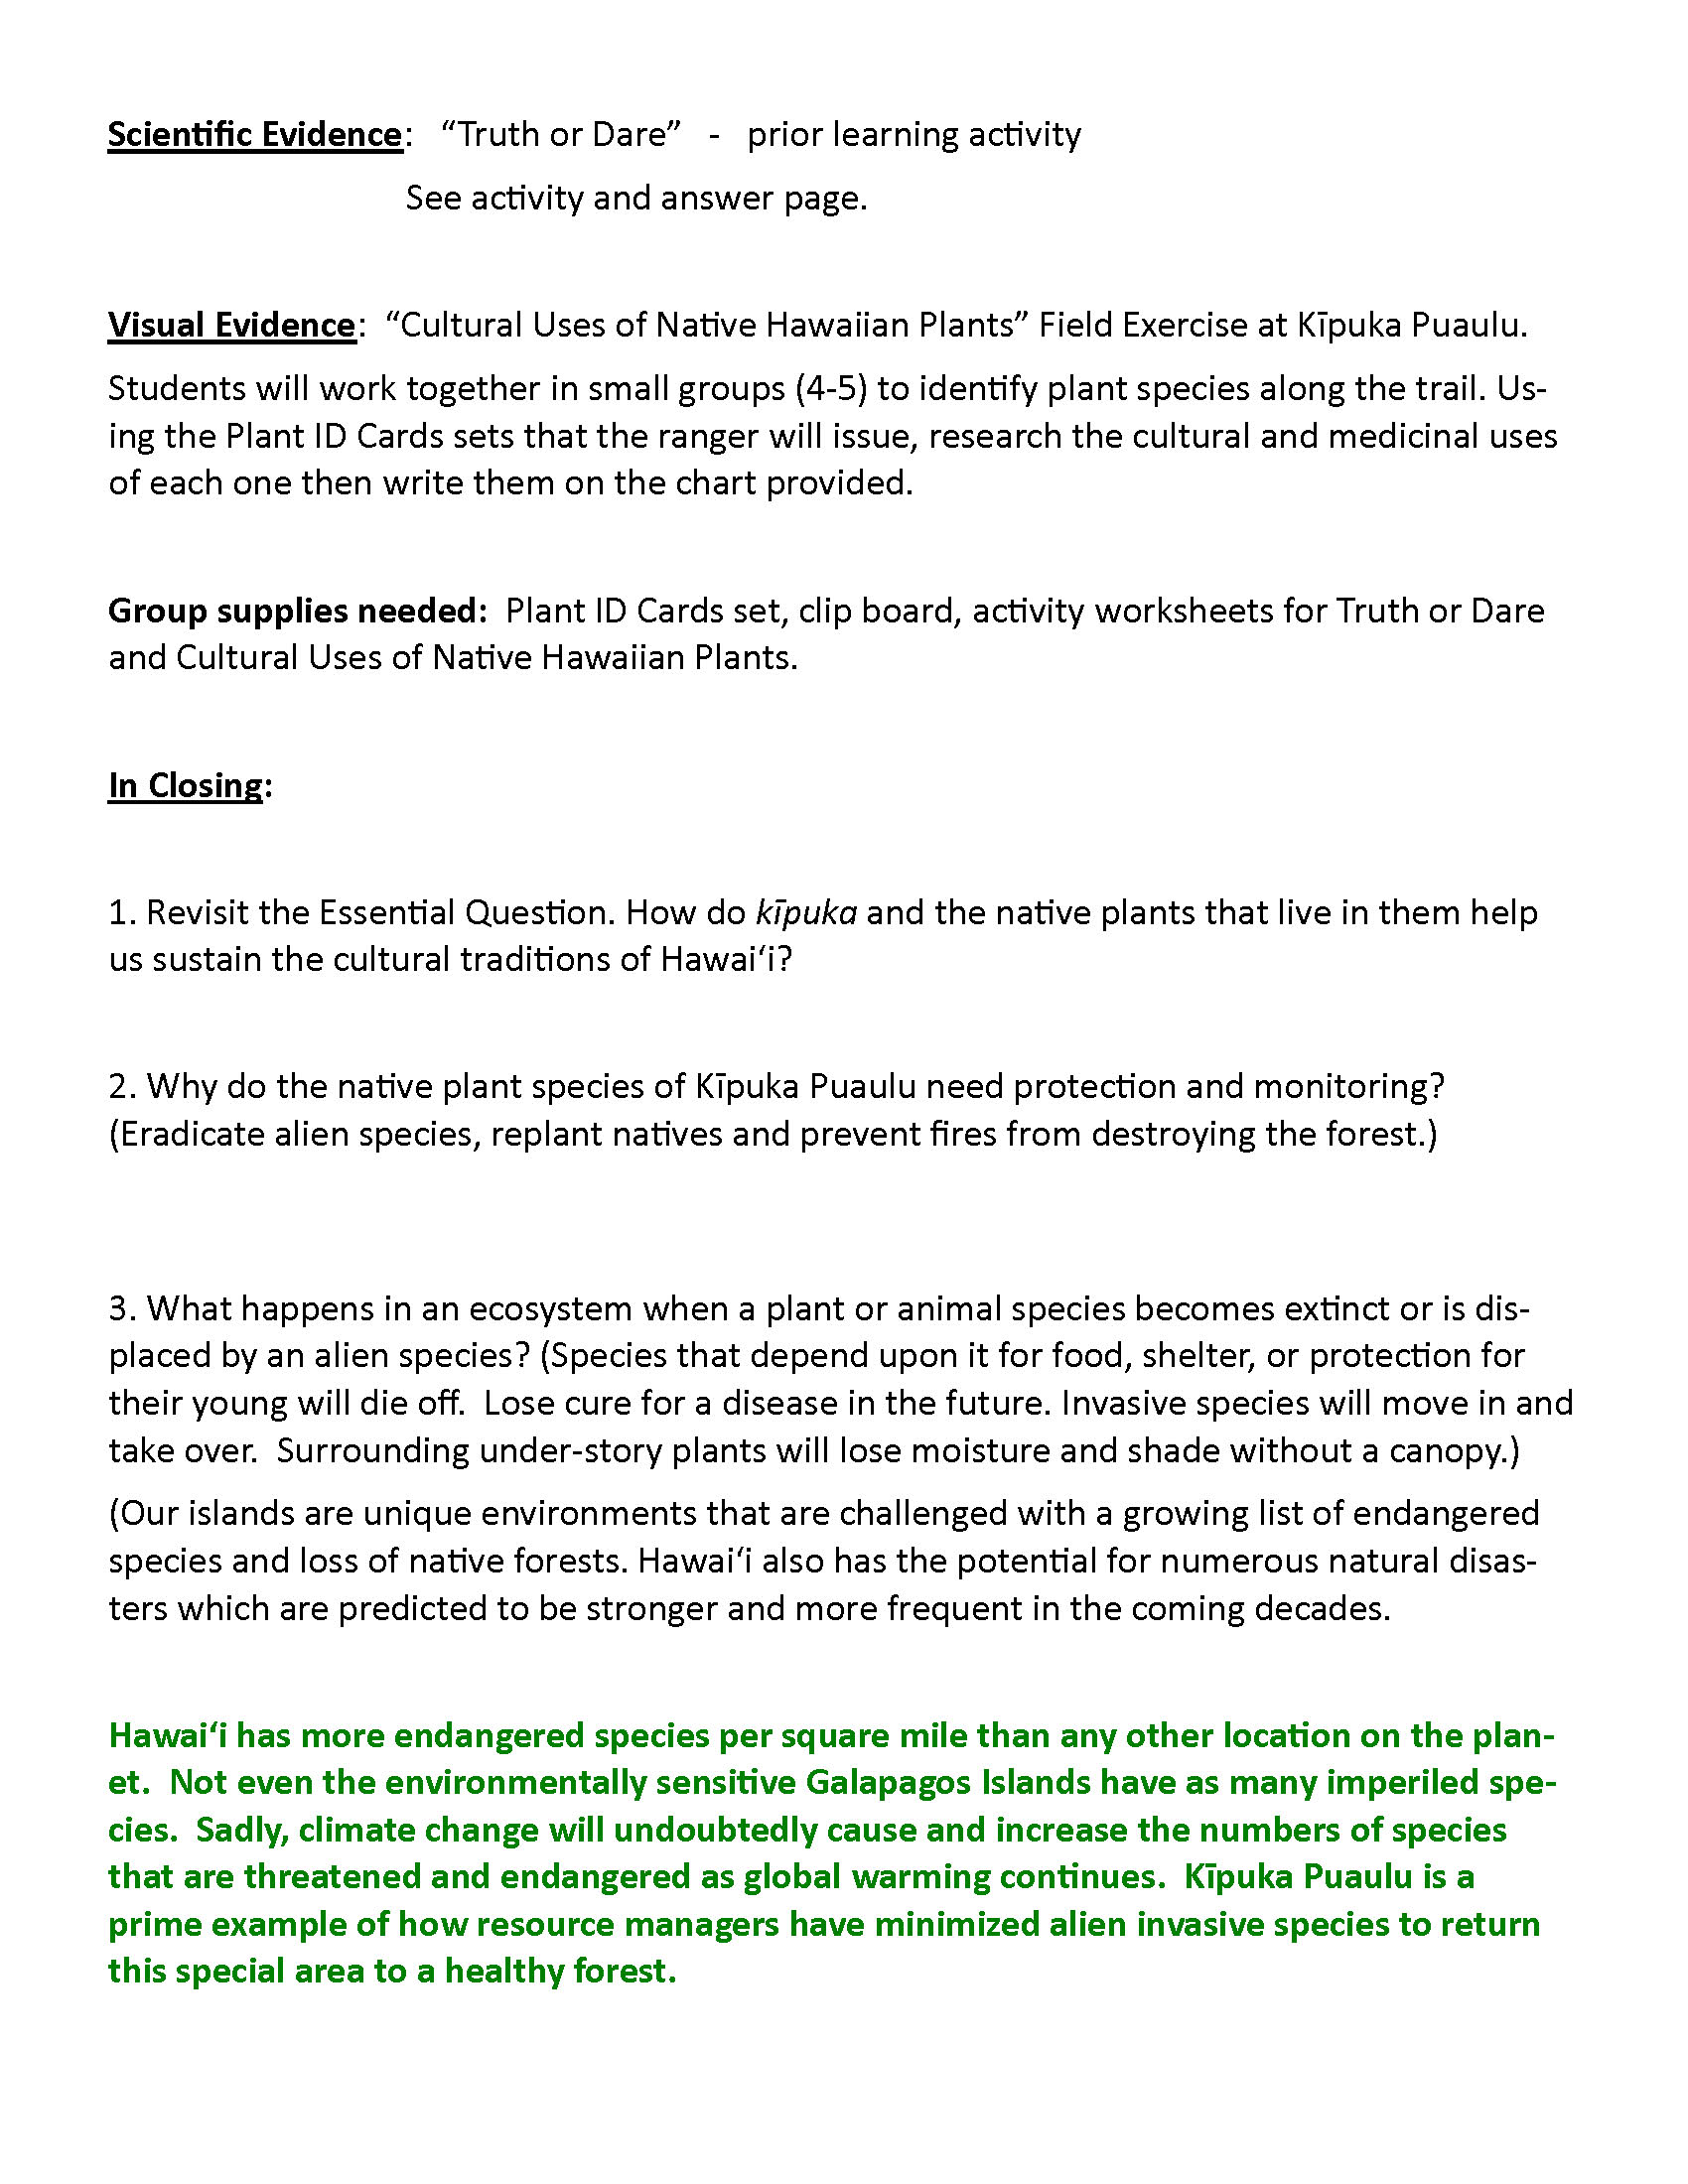 Cultural Uses Of Native Plants Grades 6 12